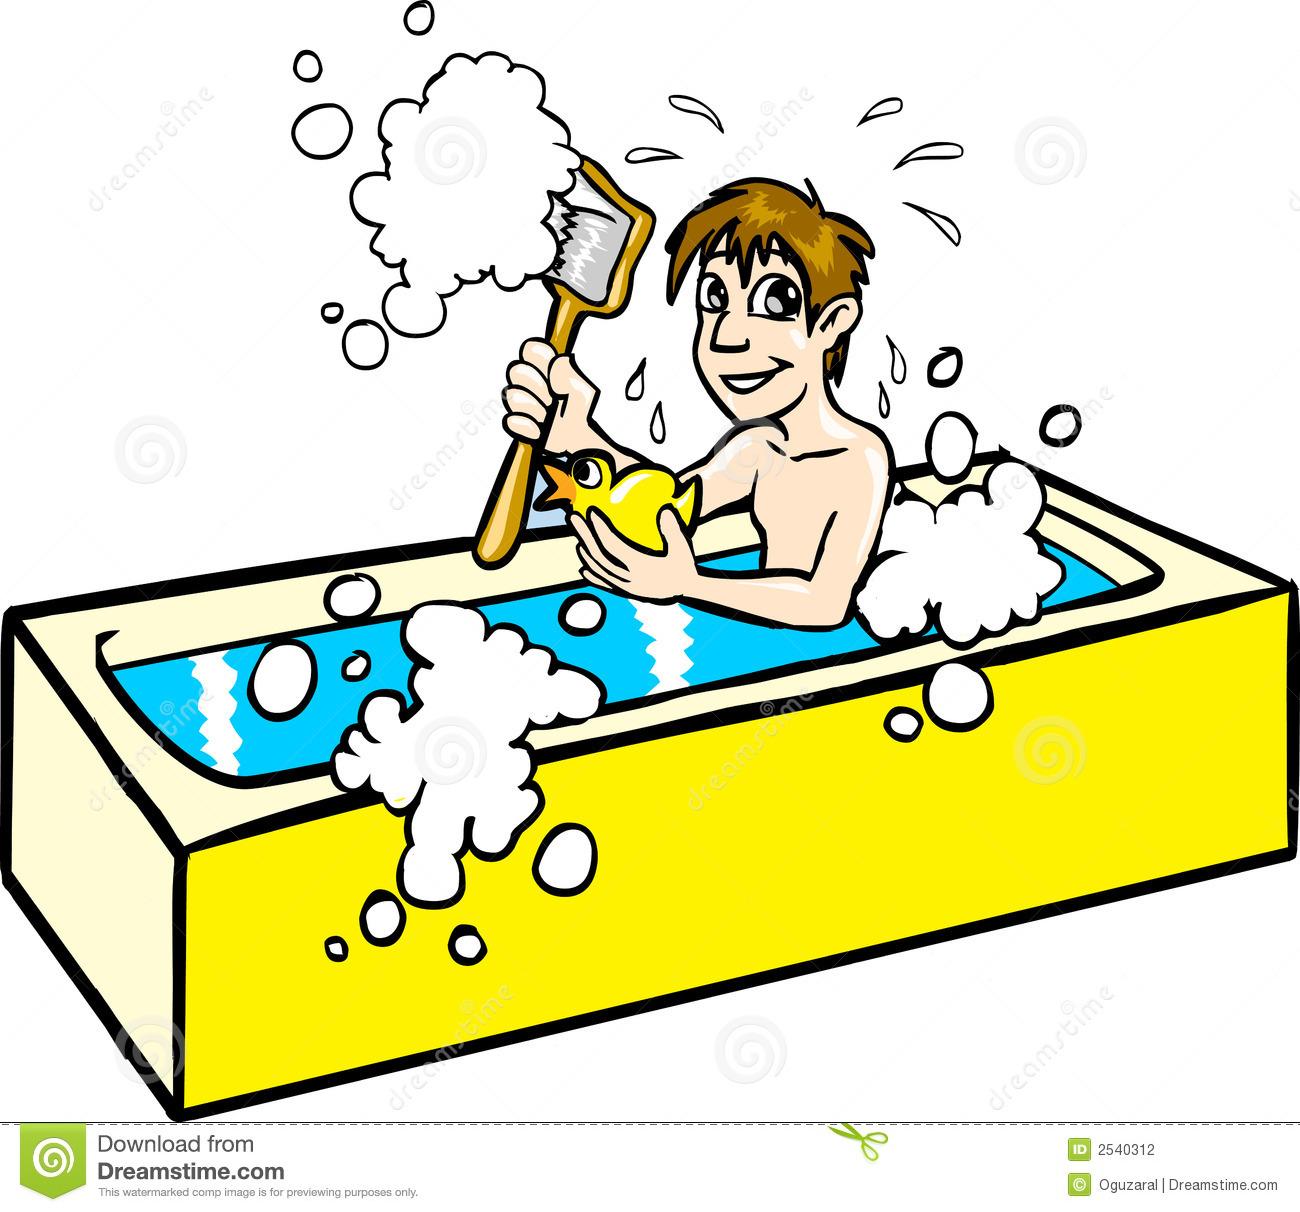 taking a bath clipart - photo #20